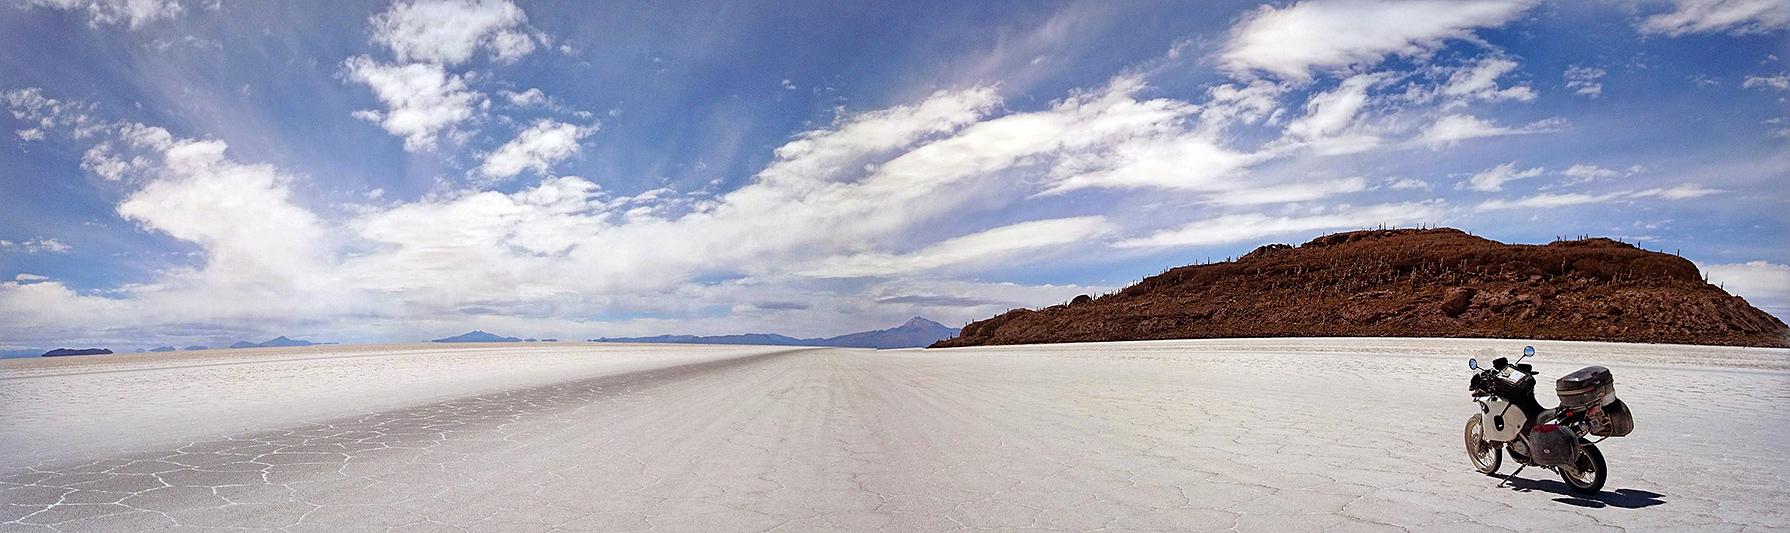 Isla Incahuasi, salar d'Uyuni, Bolivie - 2014